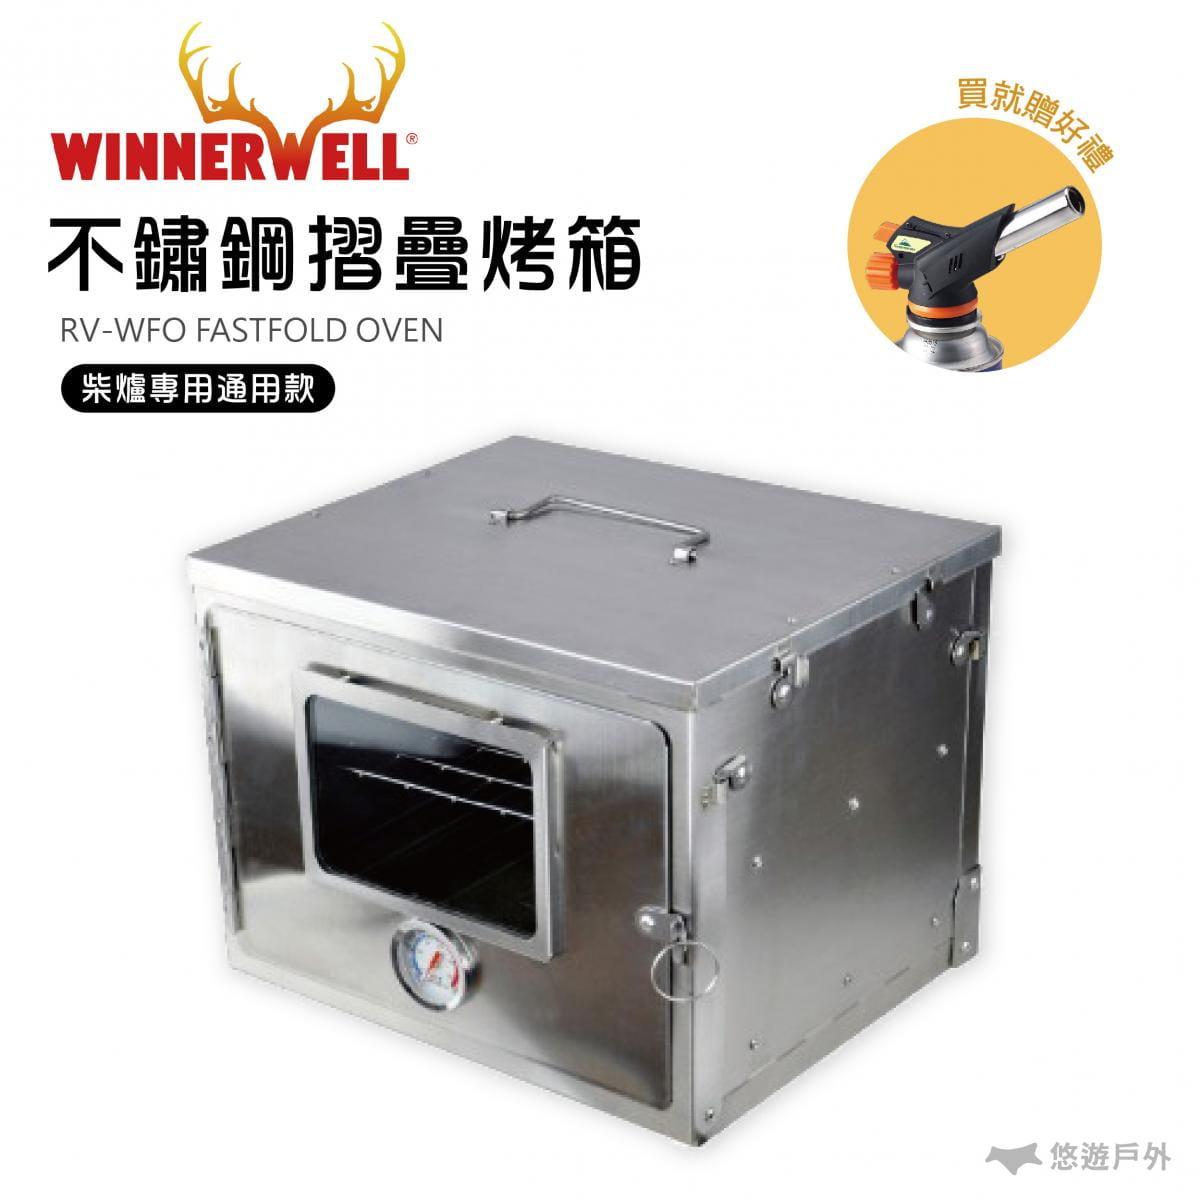 【WINNERWELL】 不鏽鋼摺疊烤箱(通用型) FASTFOLD OVEN 910305 柴爐